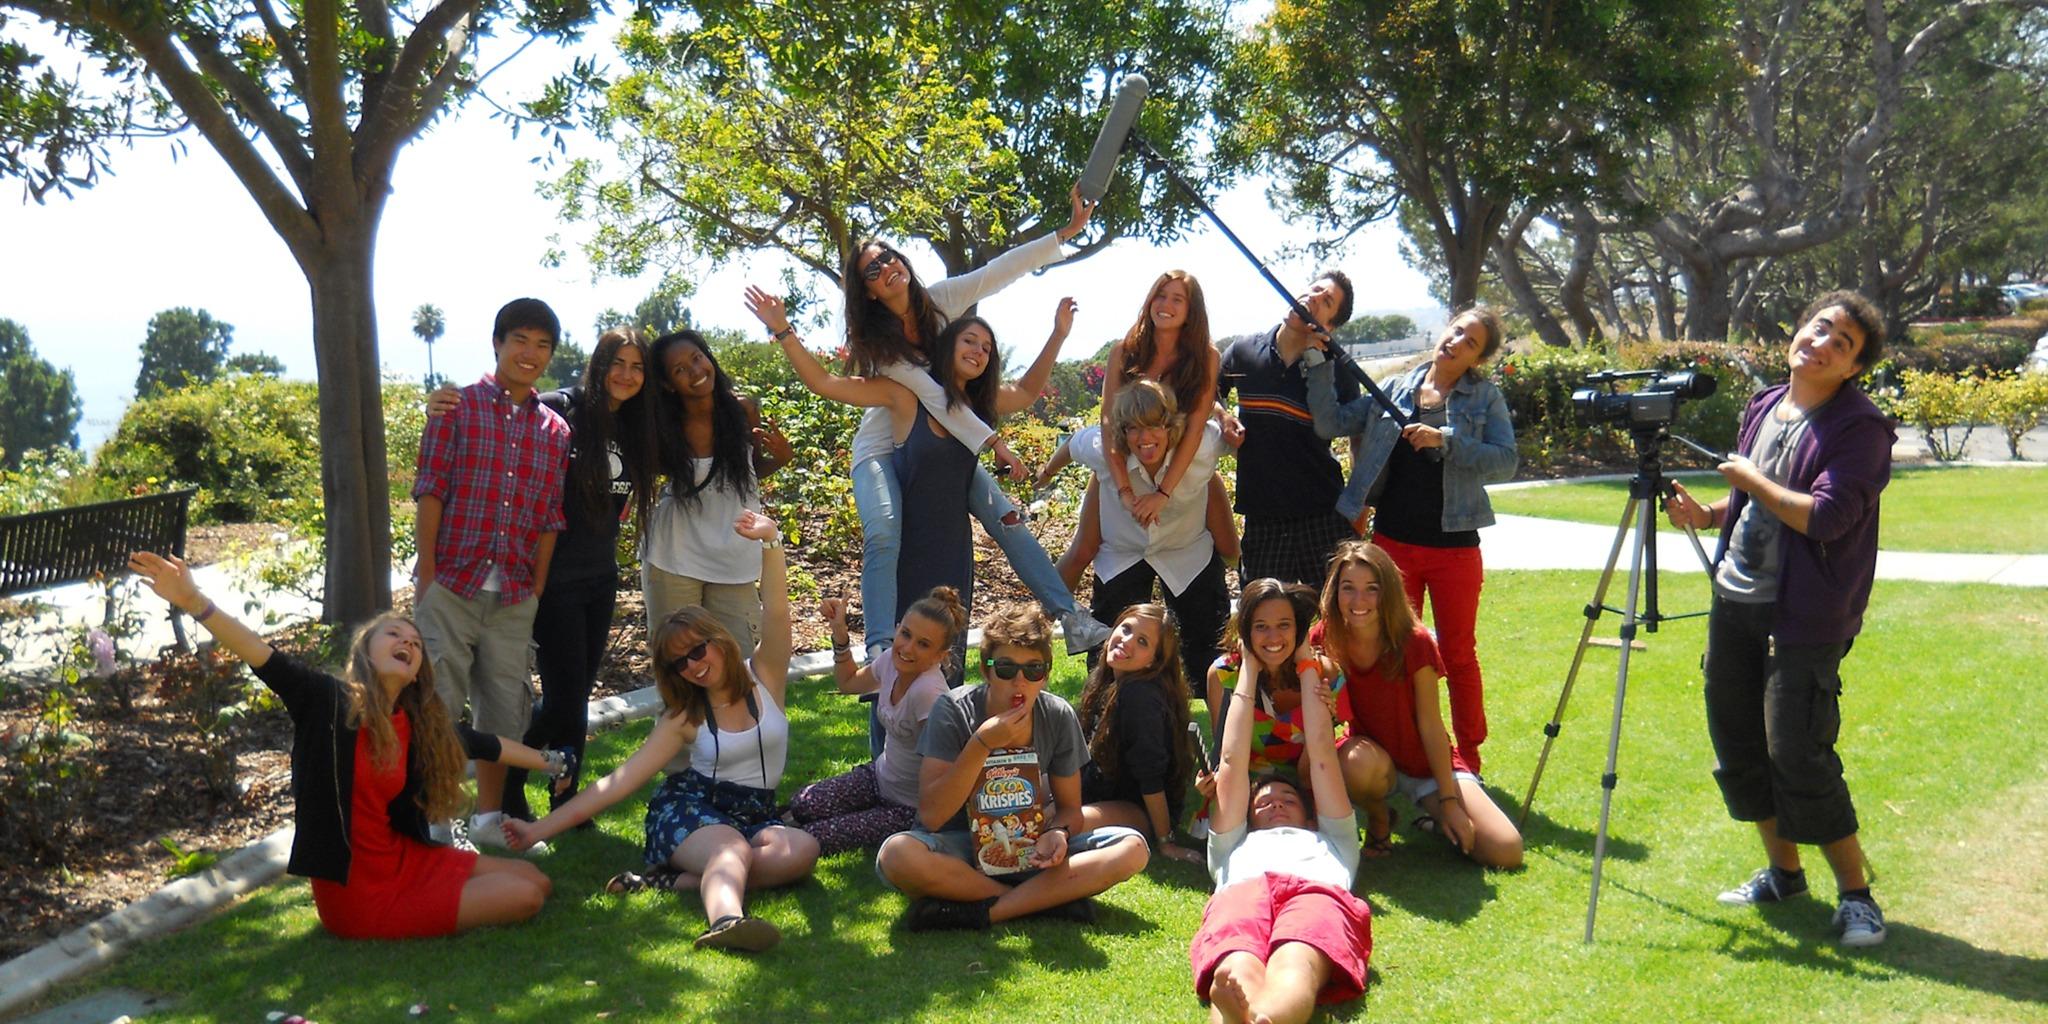 中高生むけ夏休み短期語学留学 アメリカ・カリフォルニア 英語コース+アクティビティ 映画 学生寮 カリフォルニアシネマキャンプ FLS International